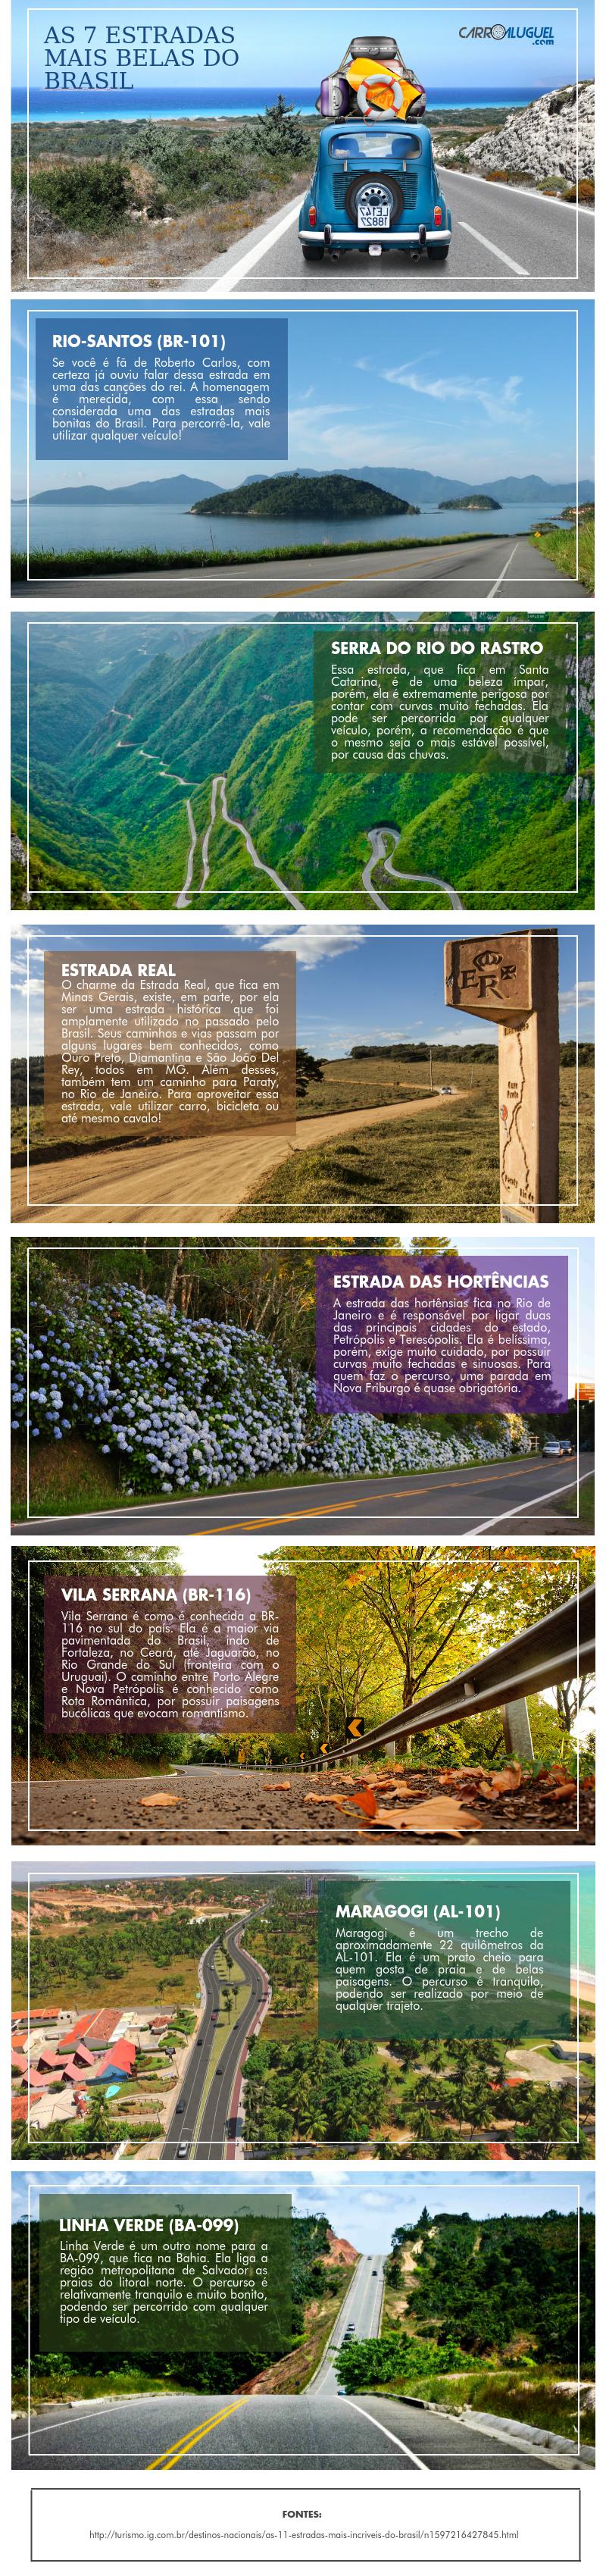 estradas brasileiras